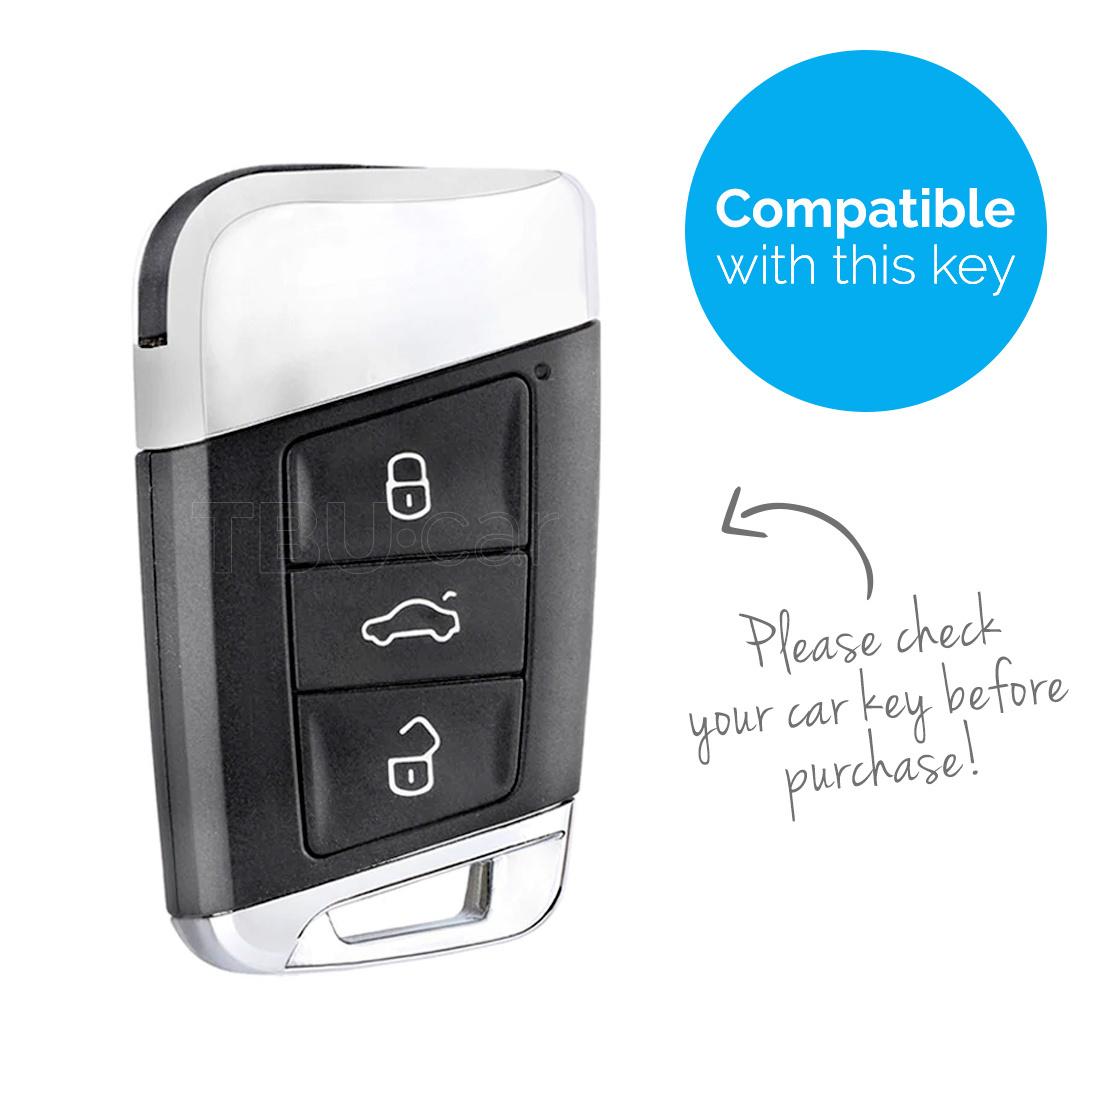 TBU car Autoschlüssel Hülle für Volkswagen 3 Tasten (Keyless Entry) - Schutzhülle aus Silikon - Auto Schlüsselhülle Cover in Schwarz